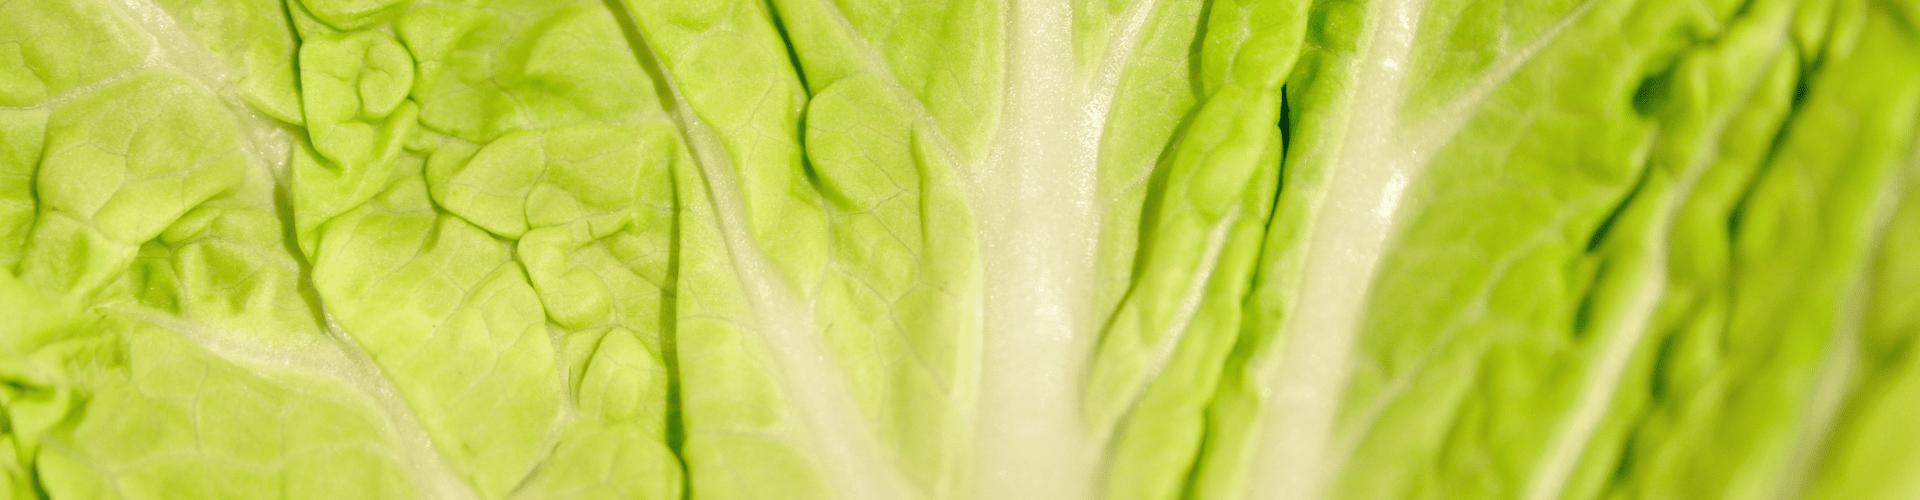 7 légumes perpétuels - Blog - Dr. Jonquille & Mr. Ail